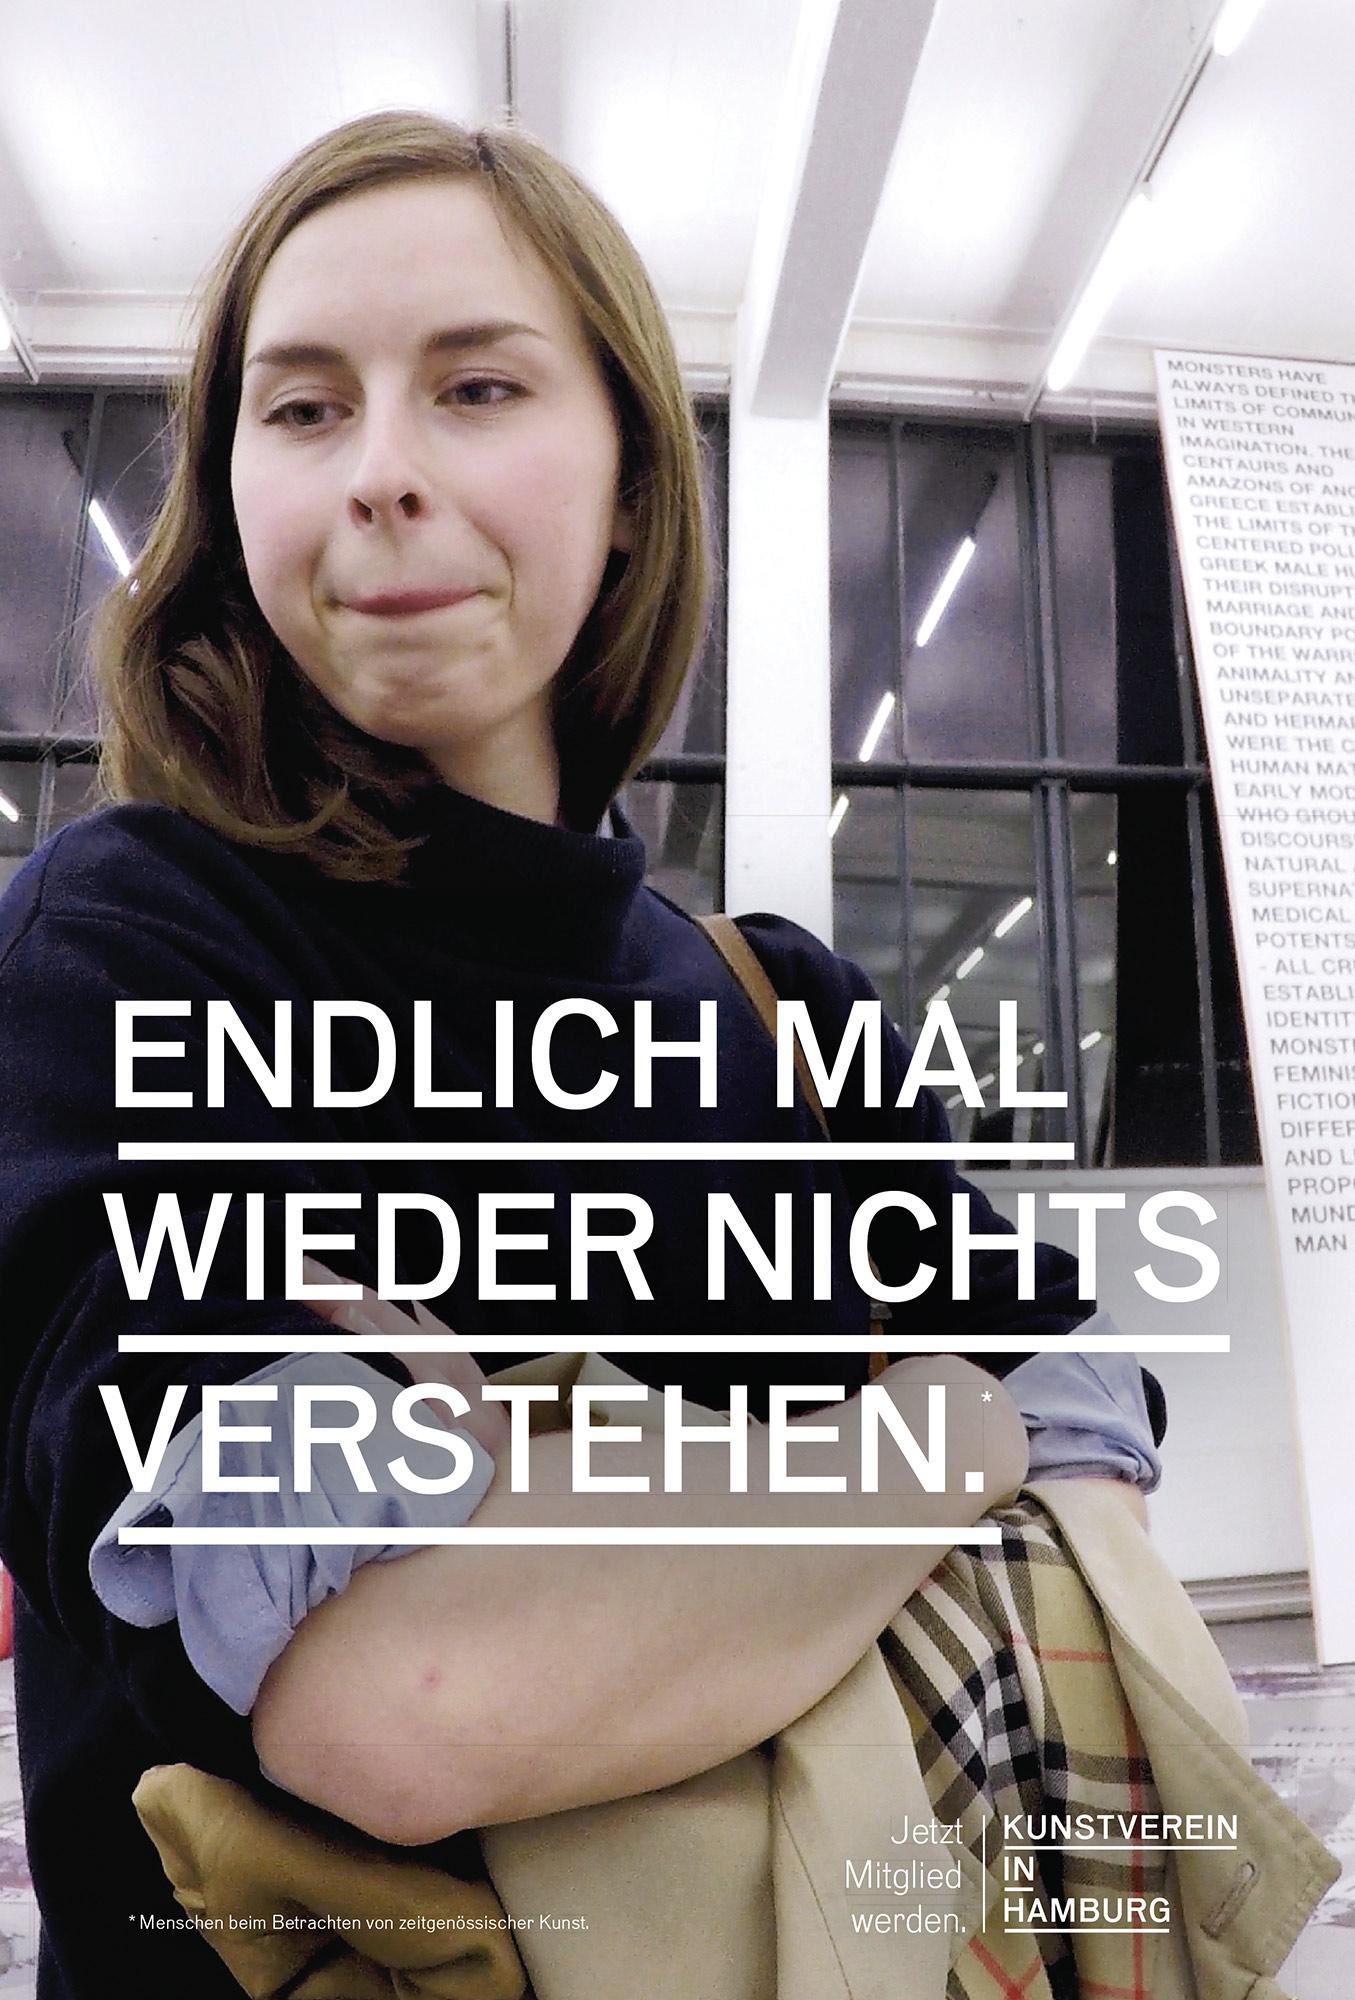 kunstverein_kampagne_junges_maedchen_300dpi_1355x2000